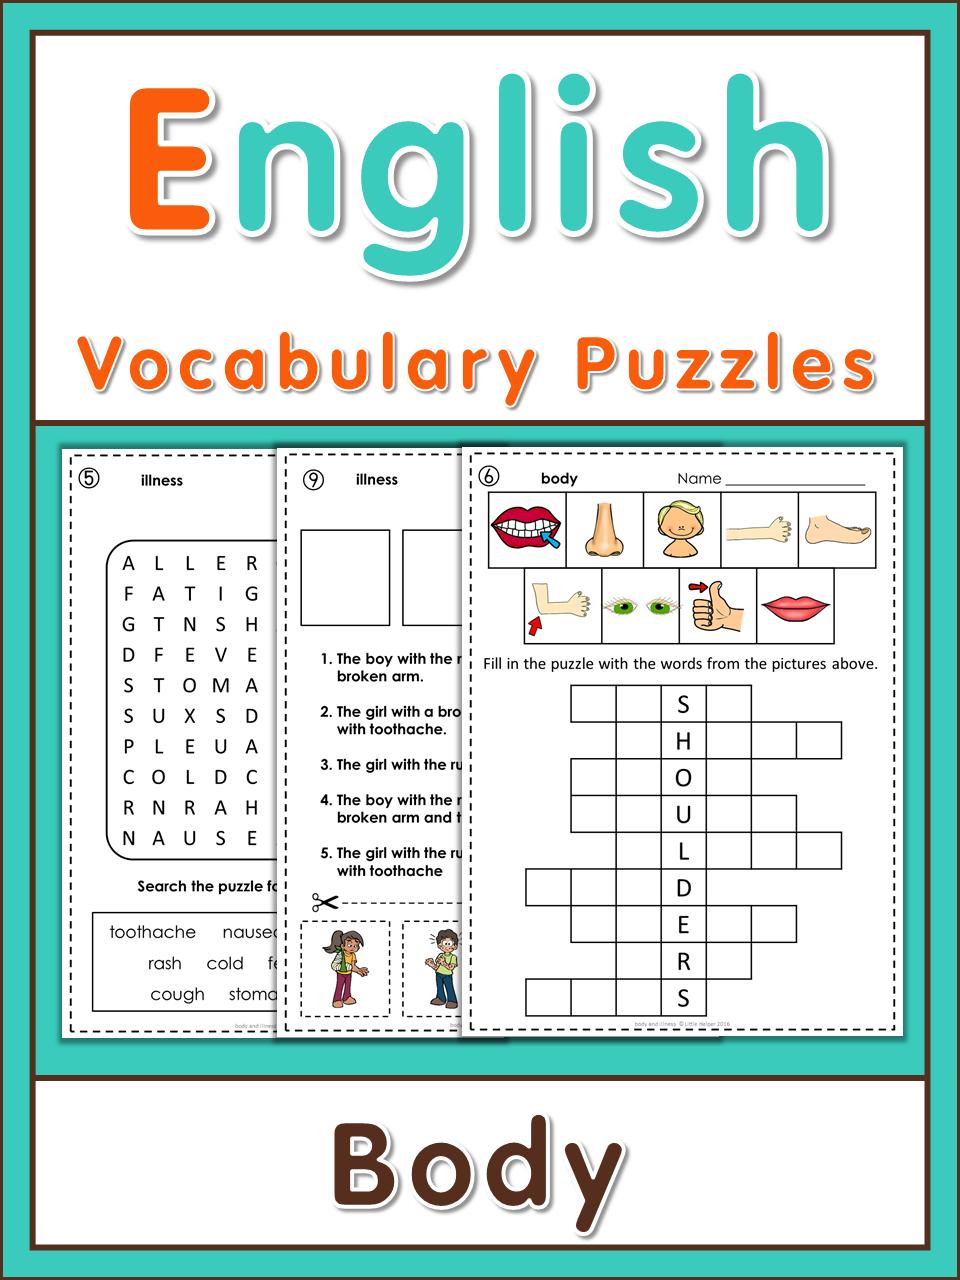 ESL Vocabulary Puzzles - Body & Illness | děti ANGLIČTINA ...